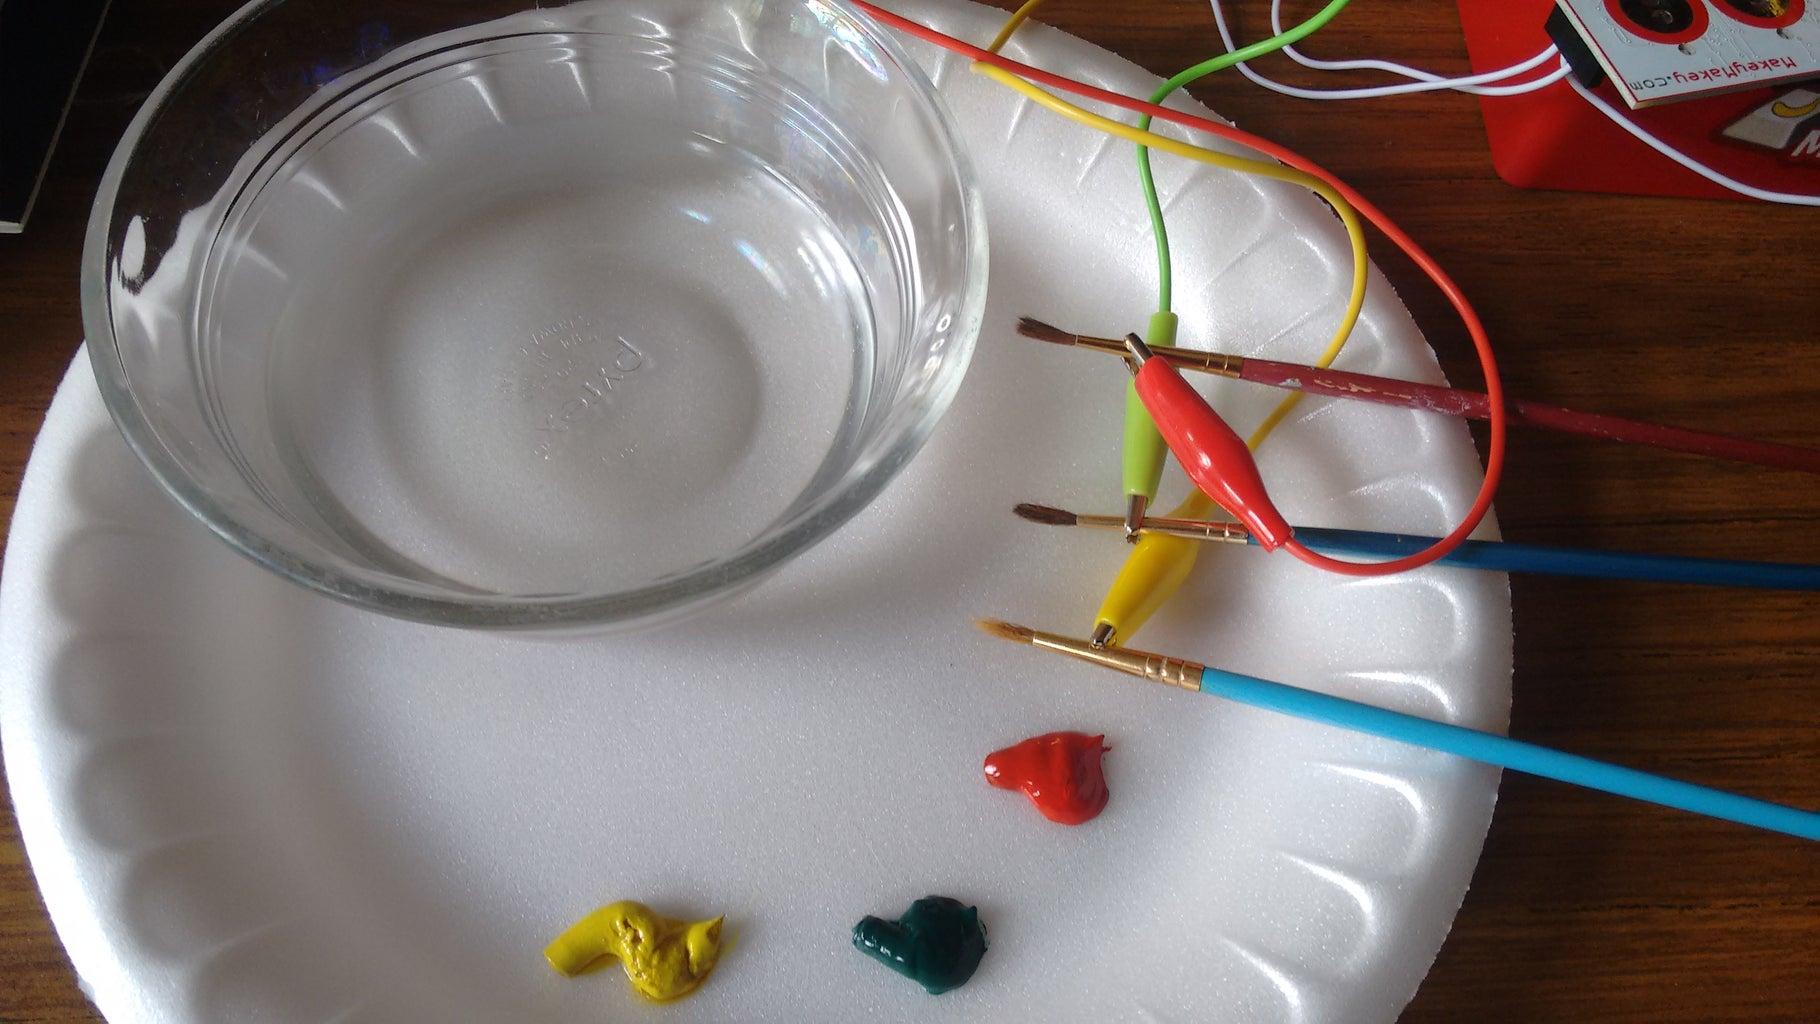 MaKey MaKey Audio Paintbrushes